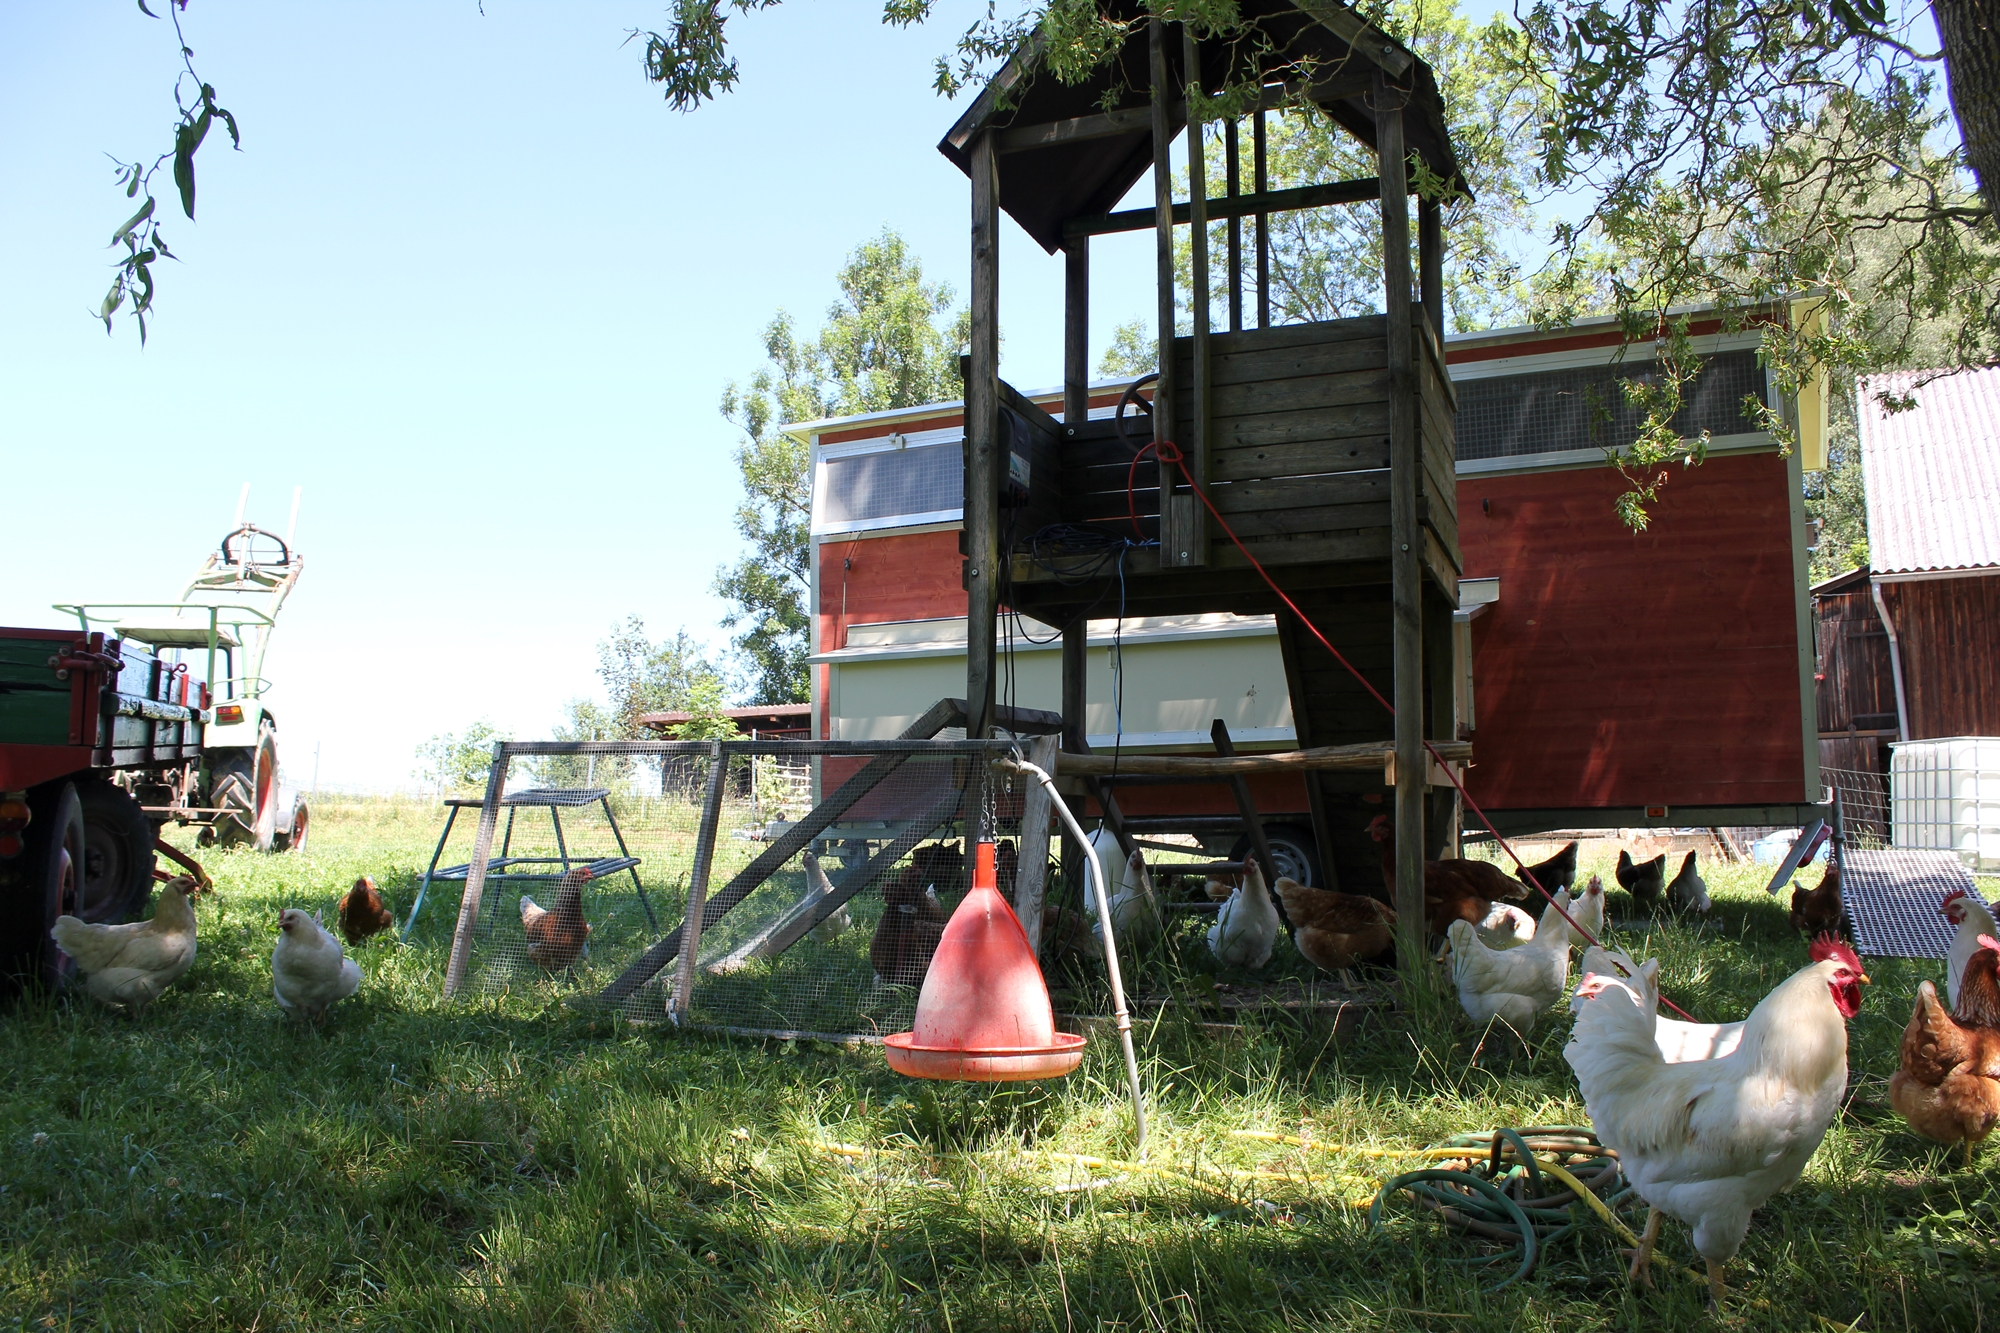 Idyllisch dient der alte Kinderspielplatz als Hühnerspielplatz, Familienhuhn Ravensburg